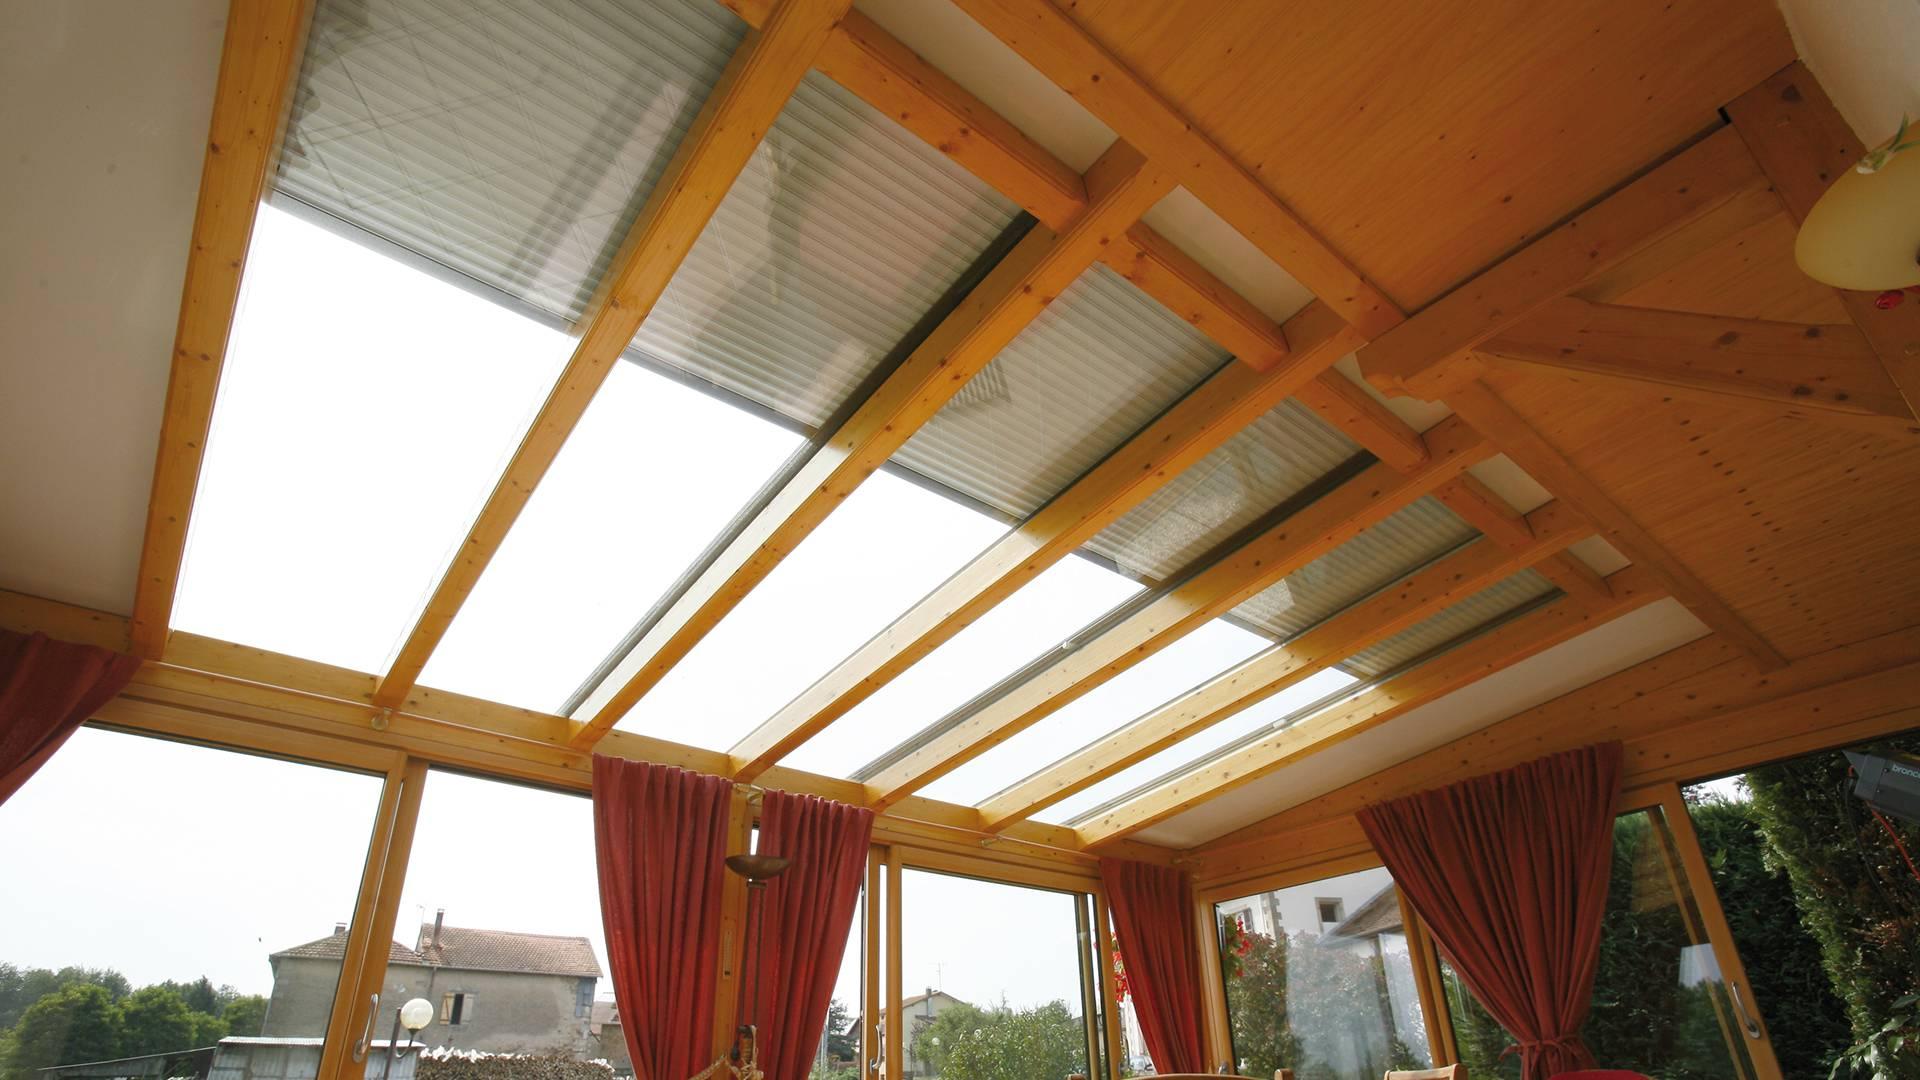 wintergarten rolladen unvergleichlich in qualit t und technik. Black Bedroom Furniture Sets. Home Design Ideas